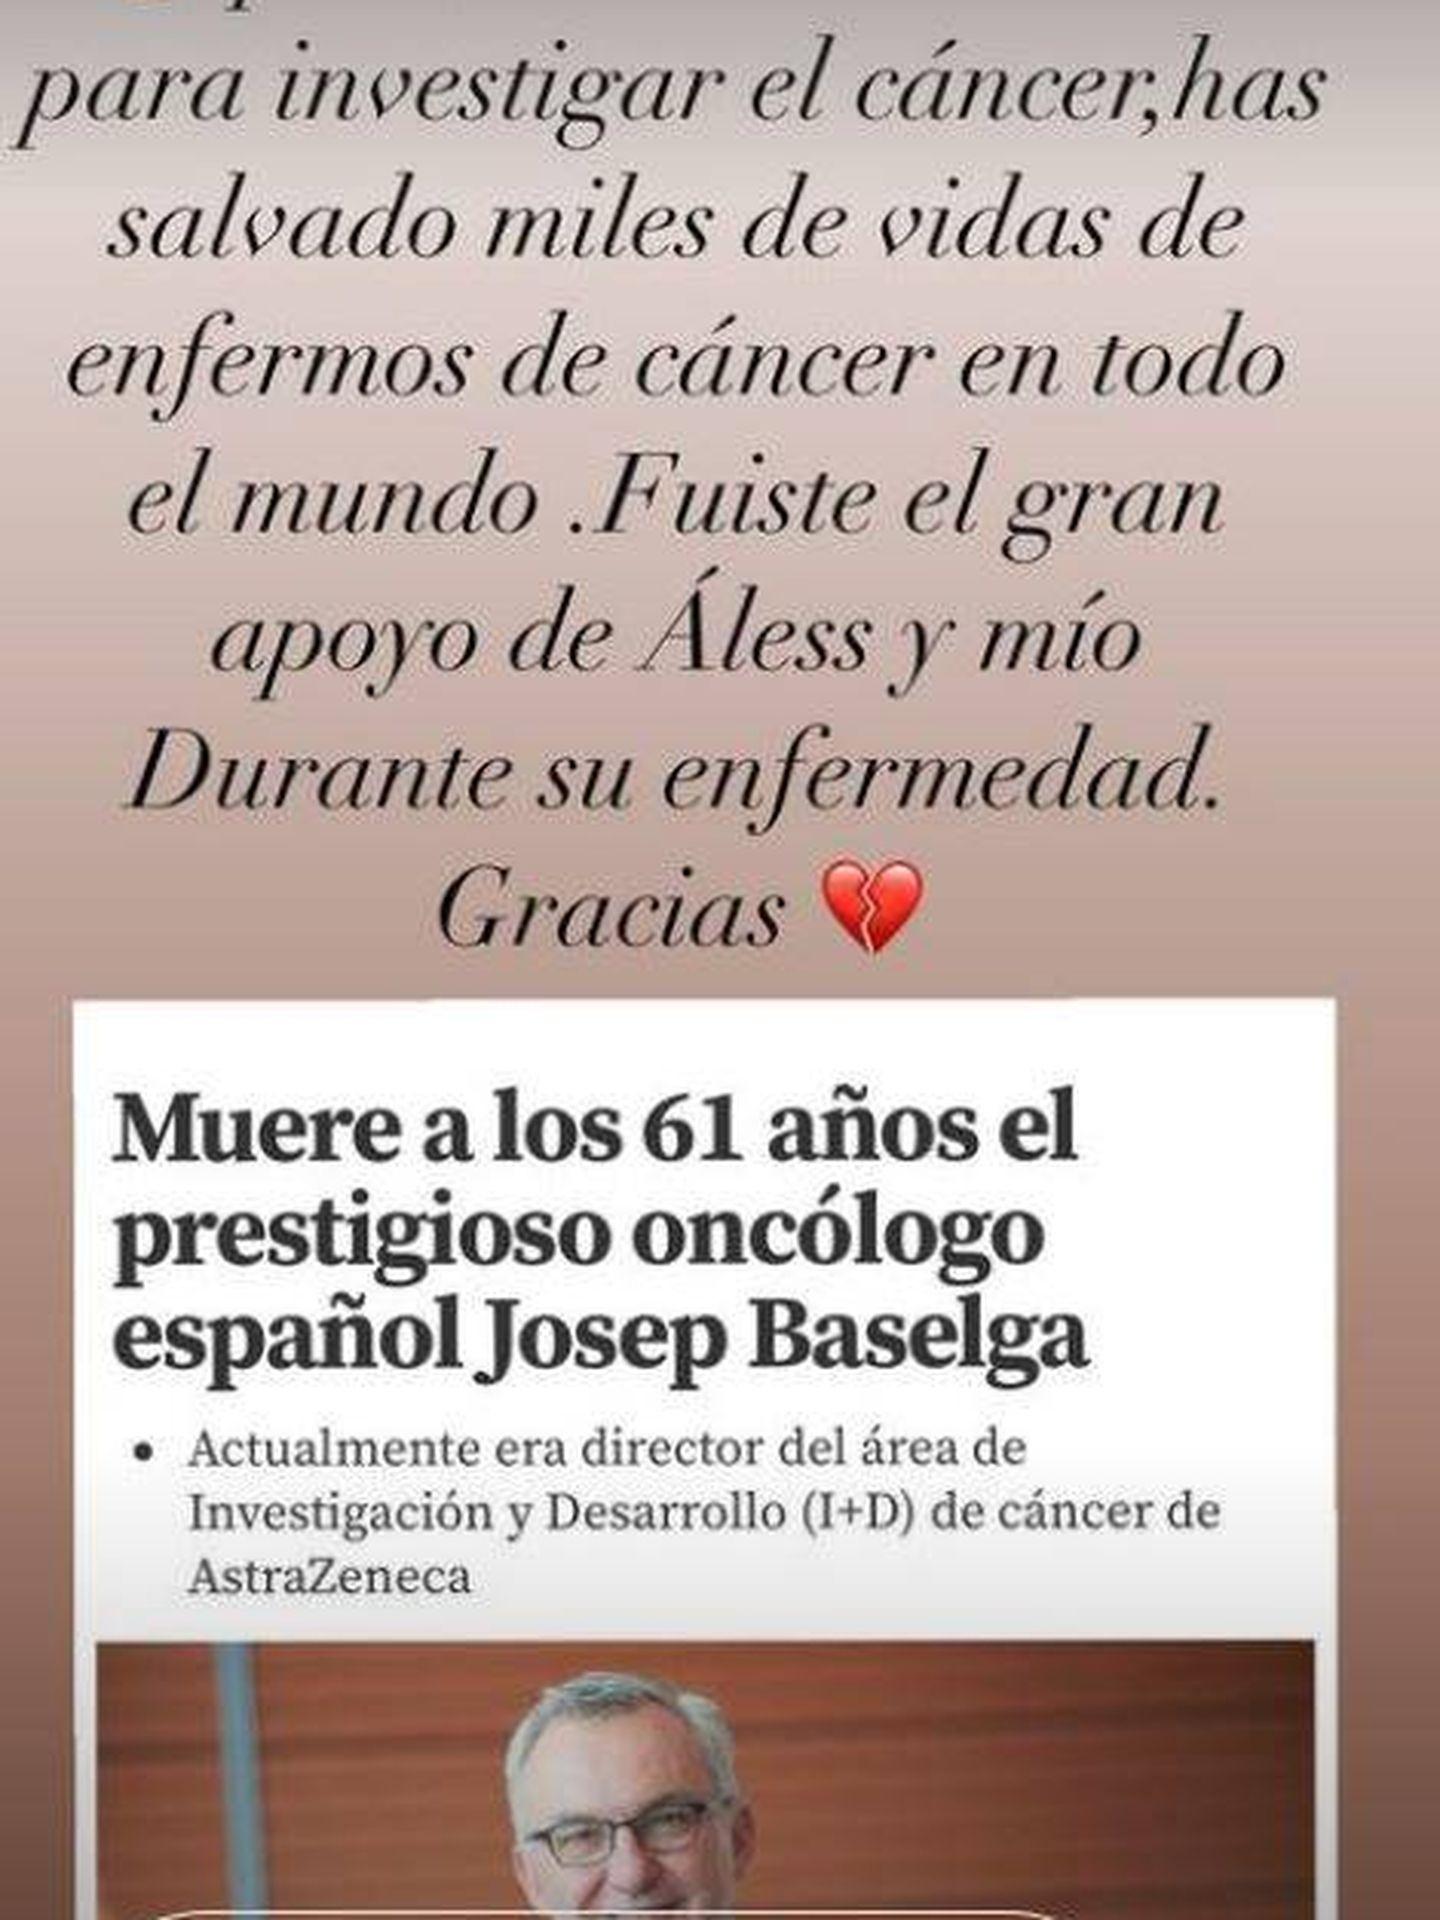 Stories con el que Ana Obregón se despide del oncólogo.